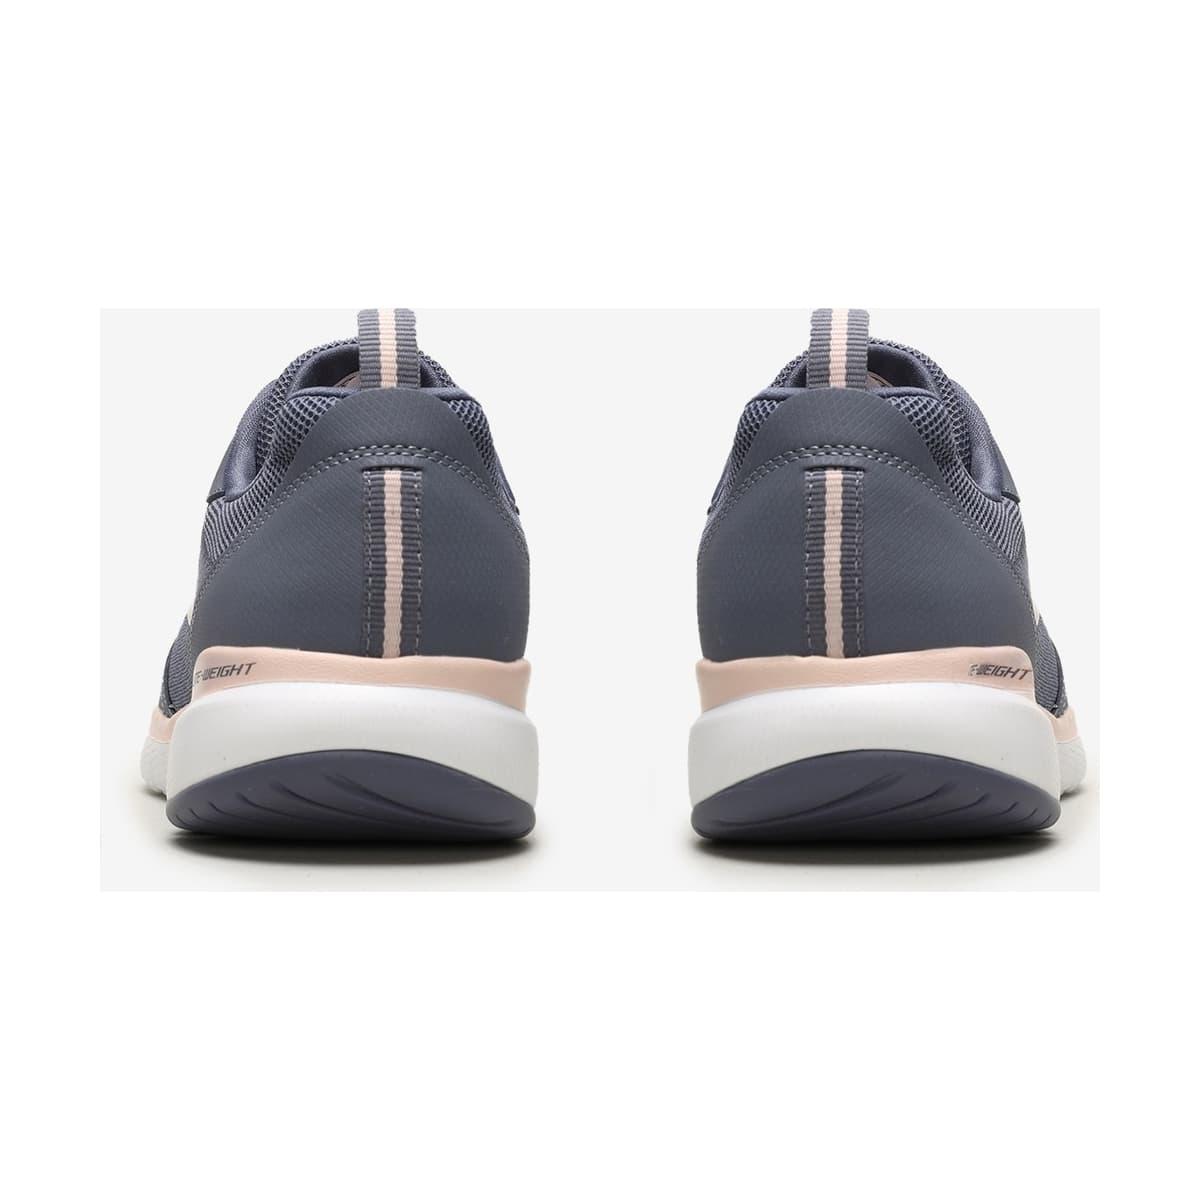 Flex Appeal 3.0-Go Forward Kadın Arduaz Spor Ayakkabı